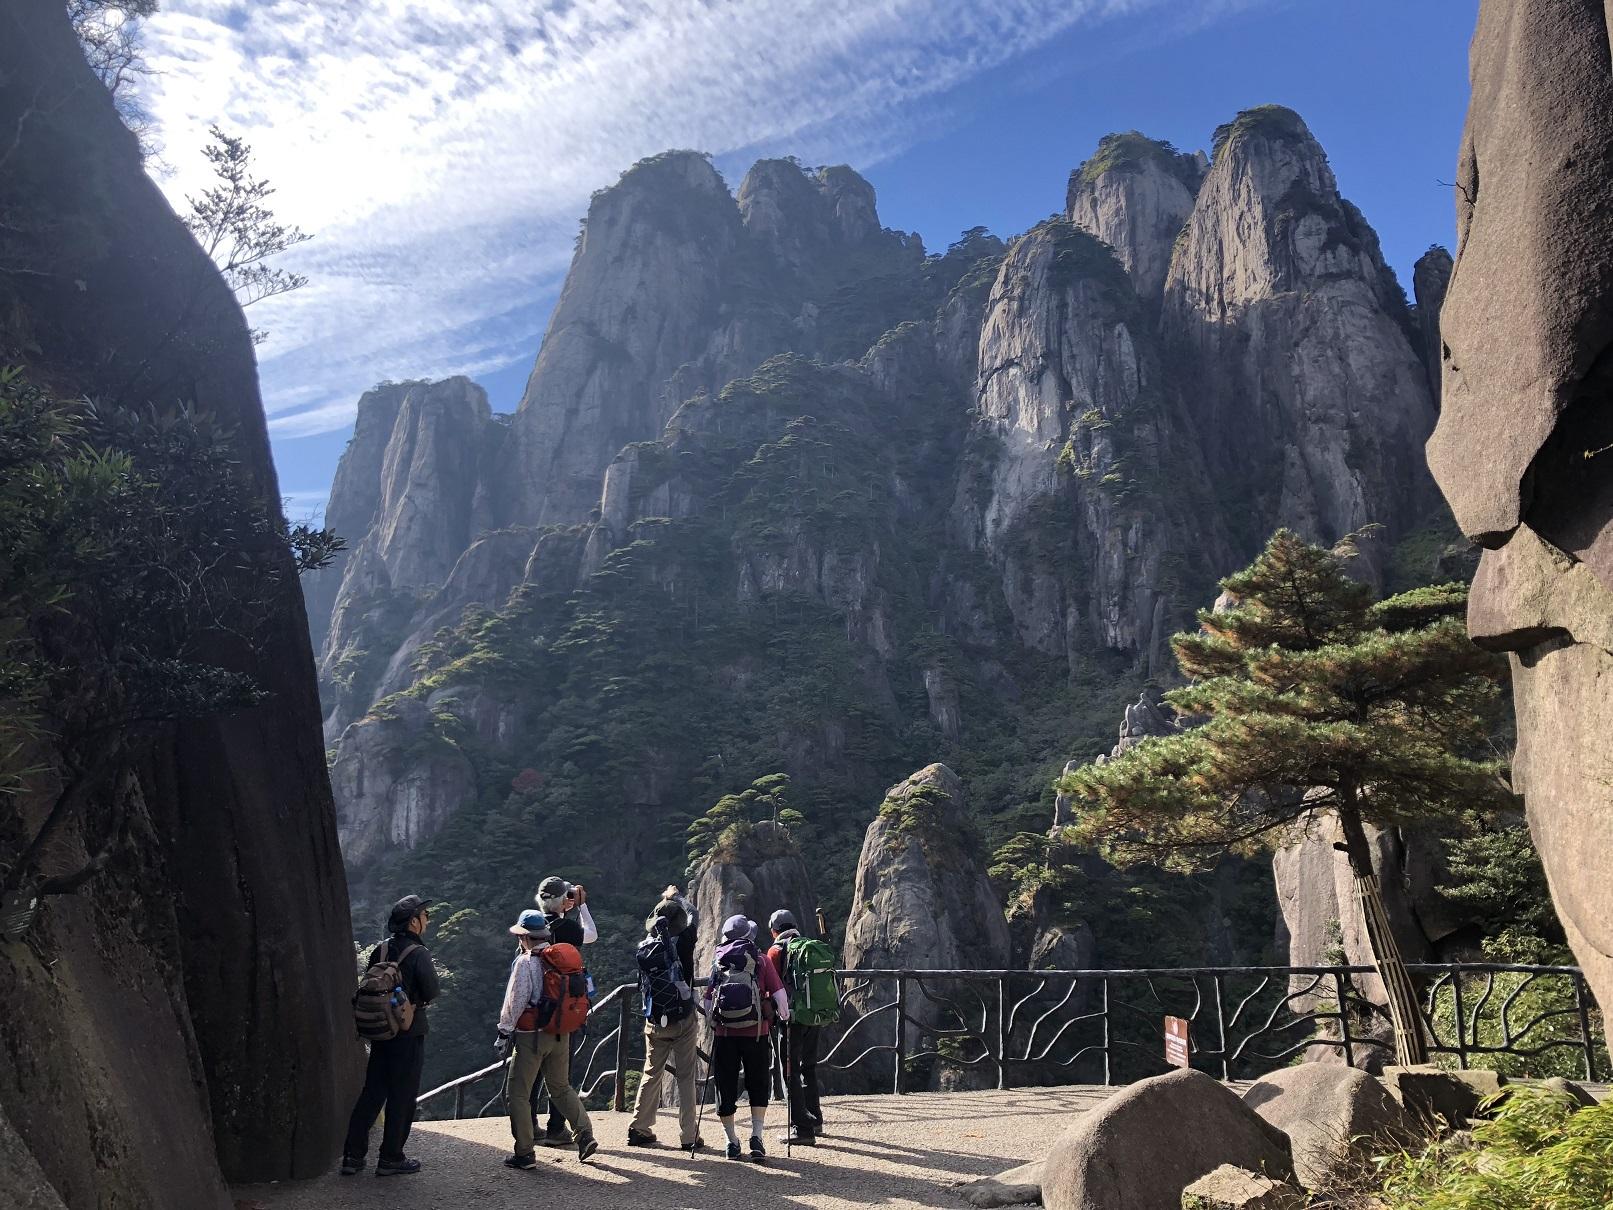 【ゴールデンウィーク特別企画】天下の絶景・黄山ハイキングと上海観光 6日間